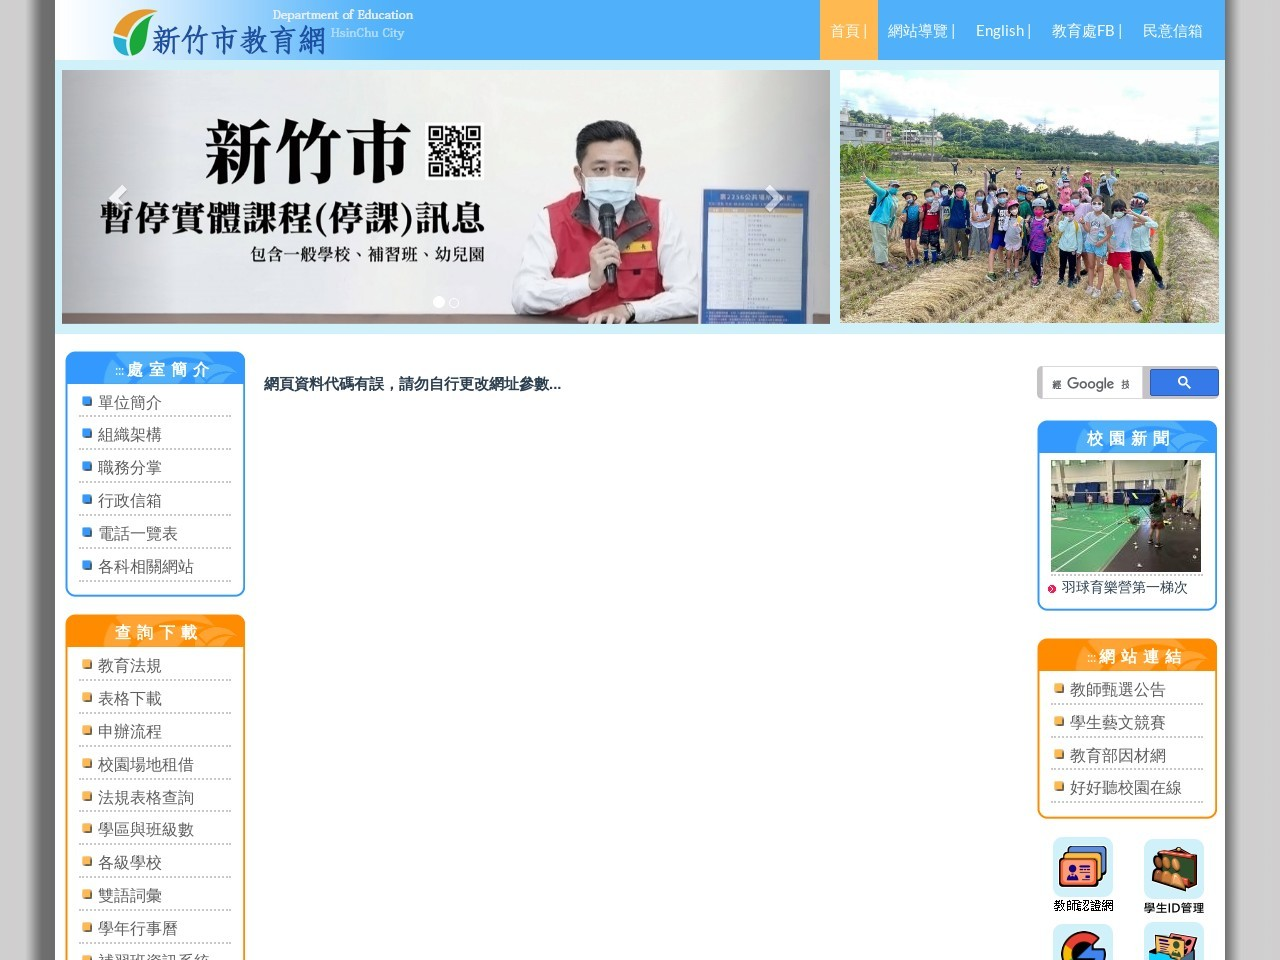 【轉知】中華民國角力協會辦理「中華民國110年度全國角力錦標賽」競賽規程、變更比賽地點